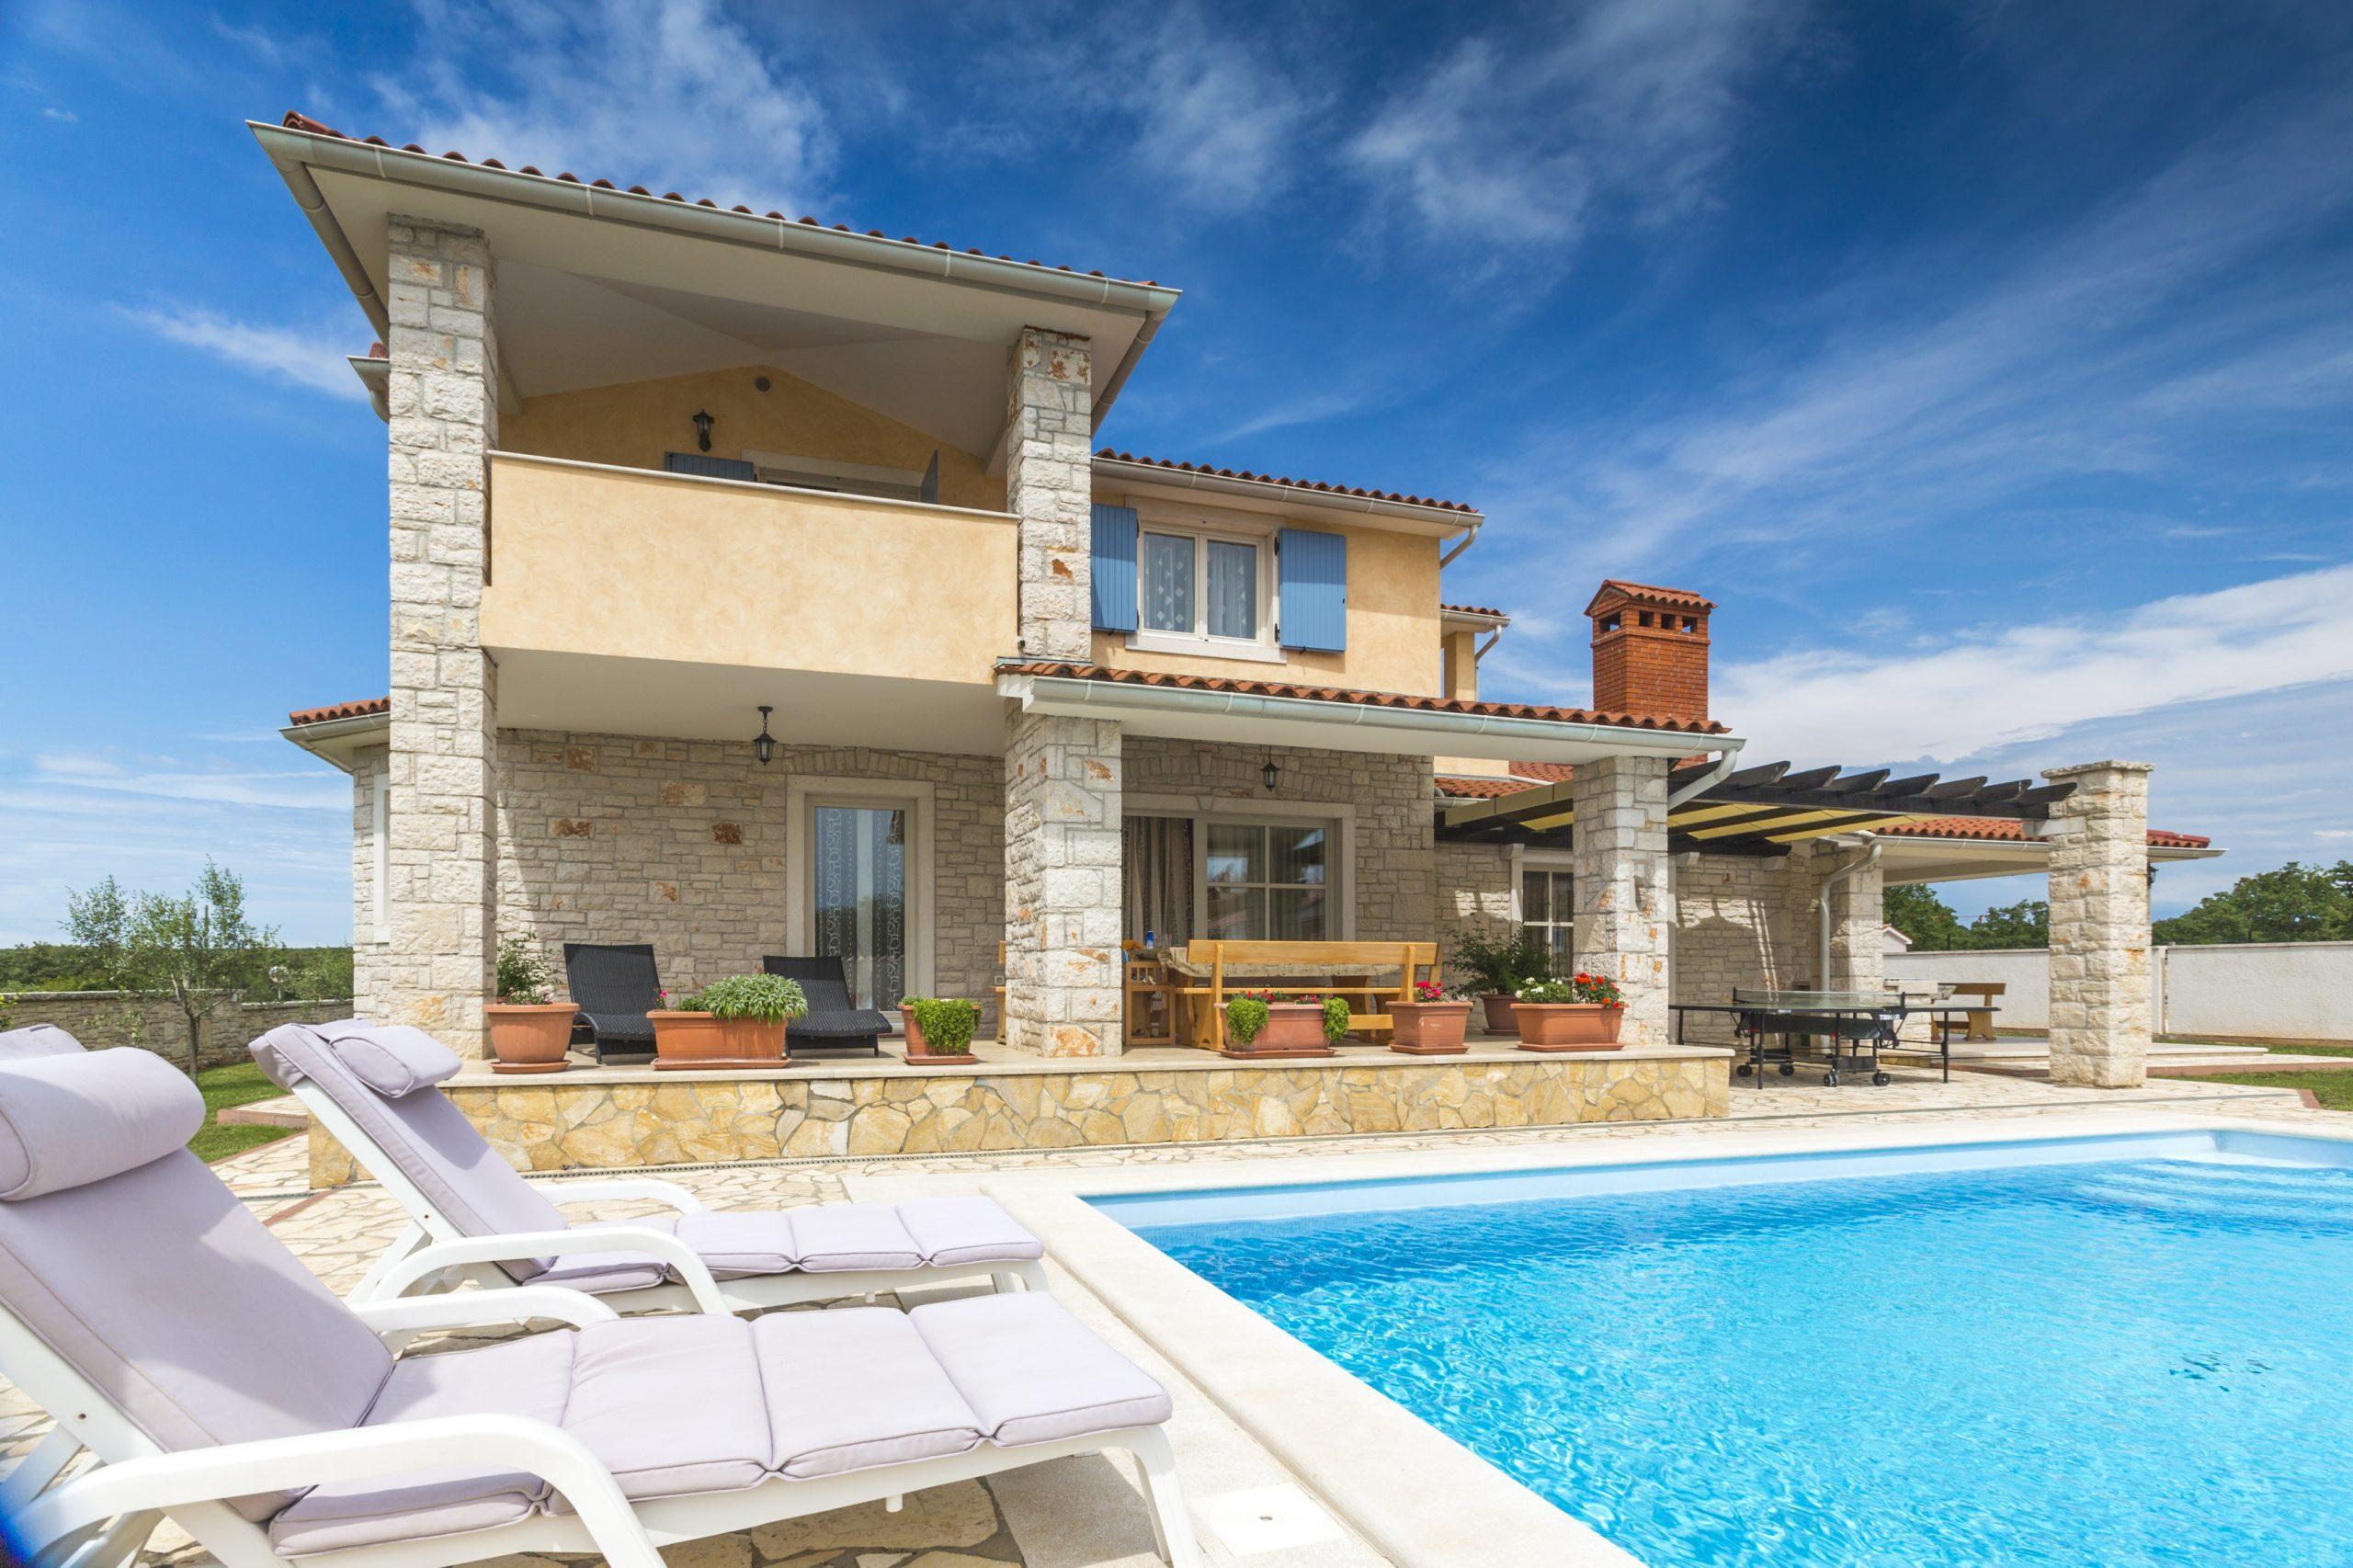 Dom wakacyjny we Włoszech z basenem, licencja: shutterstock, by moreimages